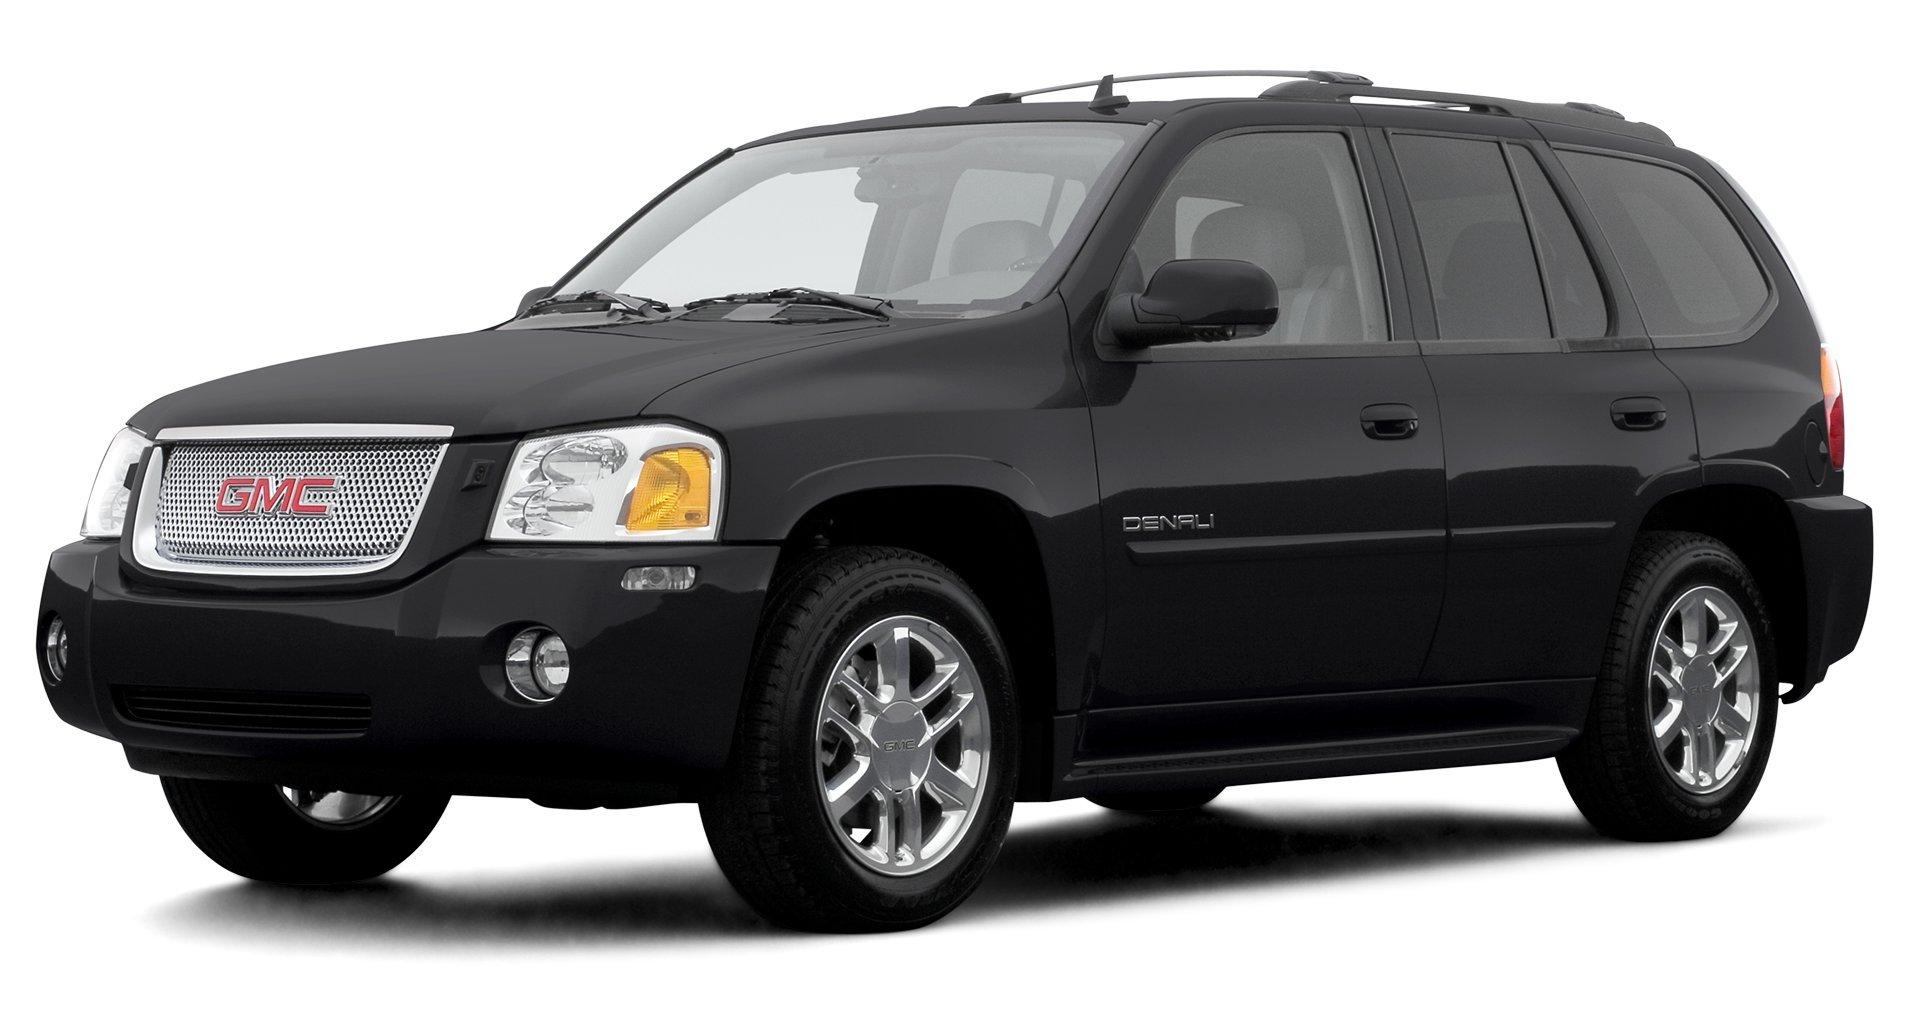 2007 GMC Envoy Denali, 2-Wheel Drive 4-Door ...